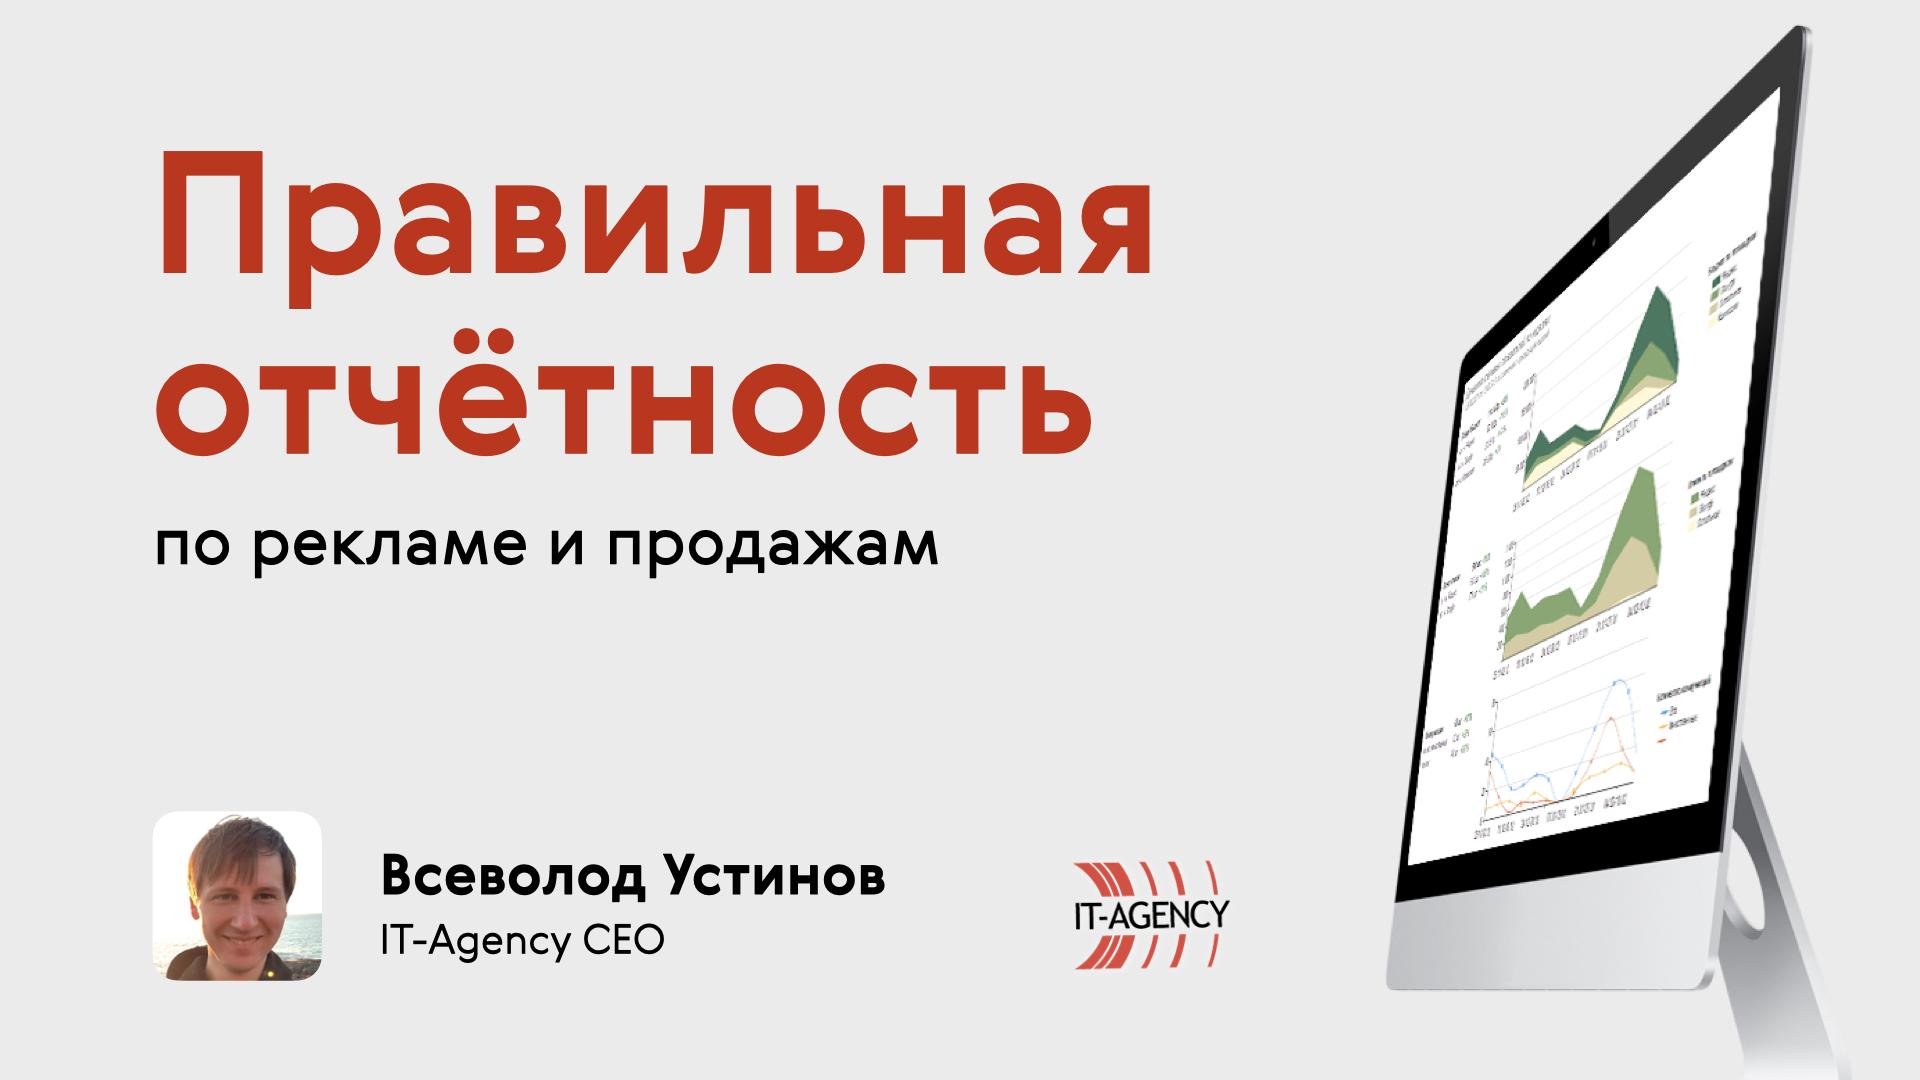 Кейс «Презентация о том, как IT-Agency строит сквозную отчётность для своих клиентов»